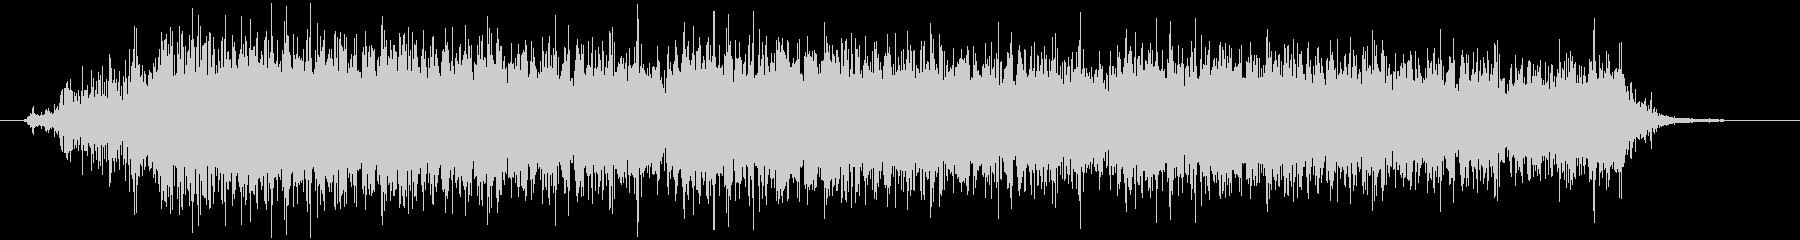 スプレー噴射 シュー (長め)の未再生の波形